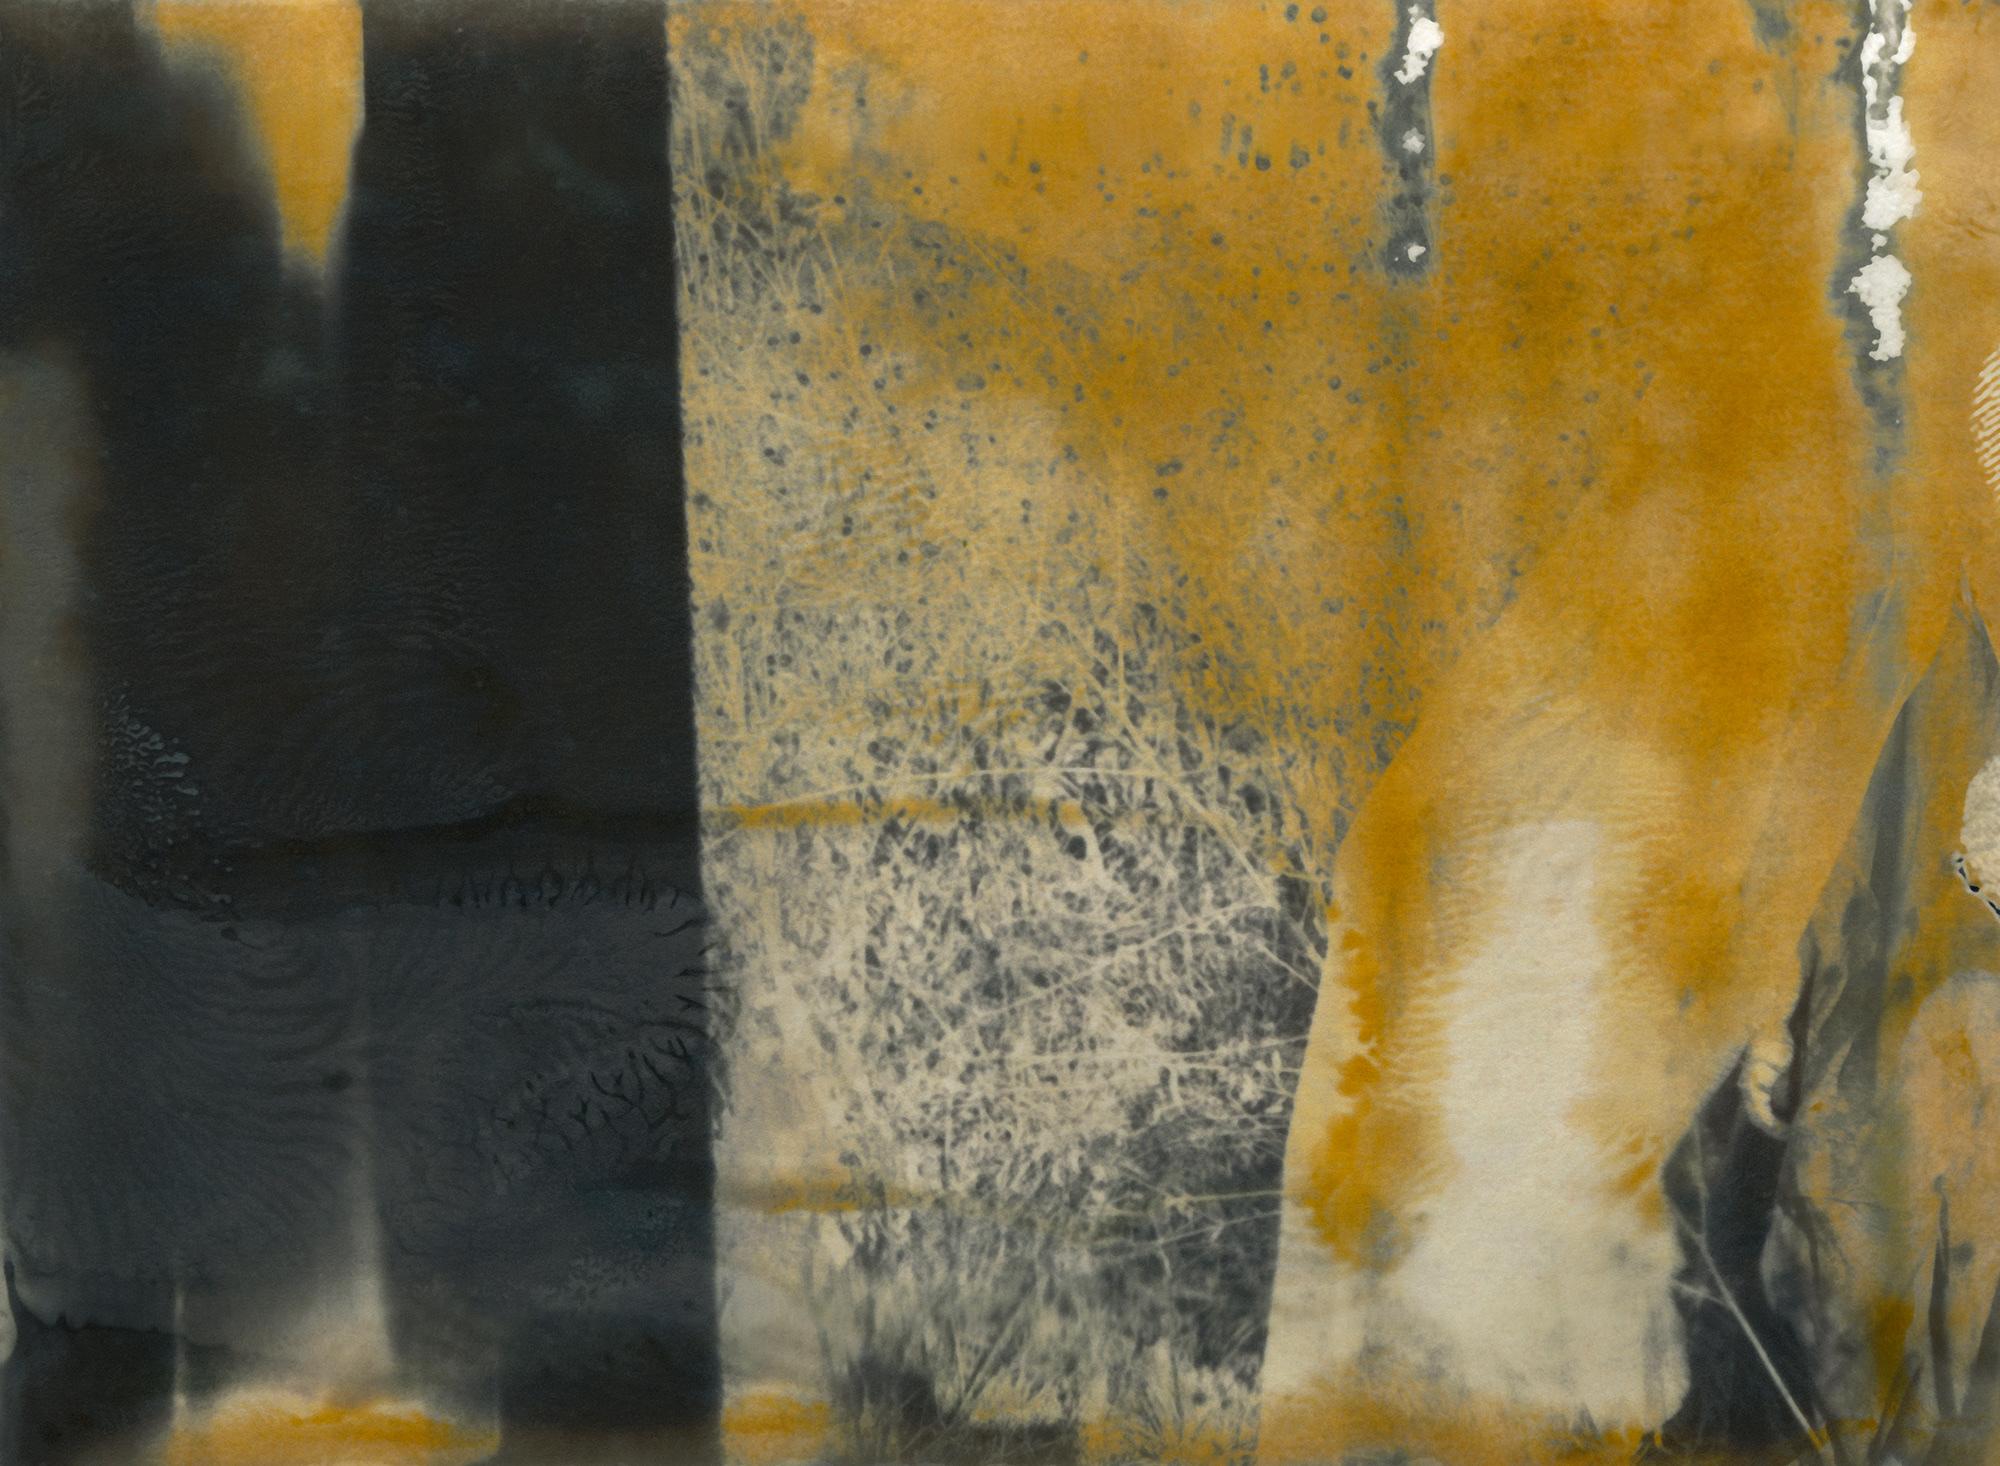 © Lisen Stibeck Titel: untitled No 1 Plats/Datum: Mexico 2019  Bildmått: 40 x 54 cm  Teknik: Polaroid / Arkivbeständig pigmentbläckutskrift  Montering: Valnötsram med artglas 40x54 cm    Upplaga: 12 + 2 AP Signerad: Ja   Pris: SEK 19 500 (oinramad bild SEK 16 000))